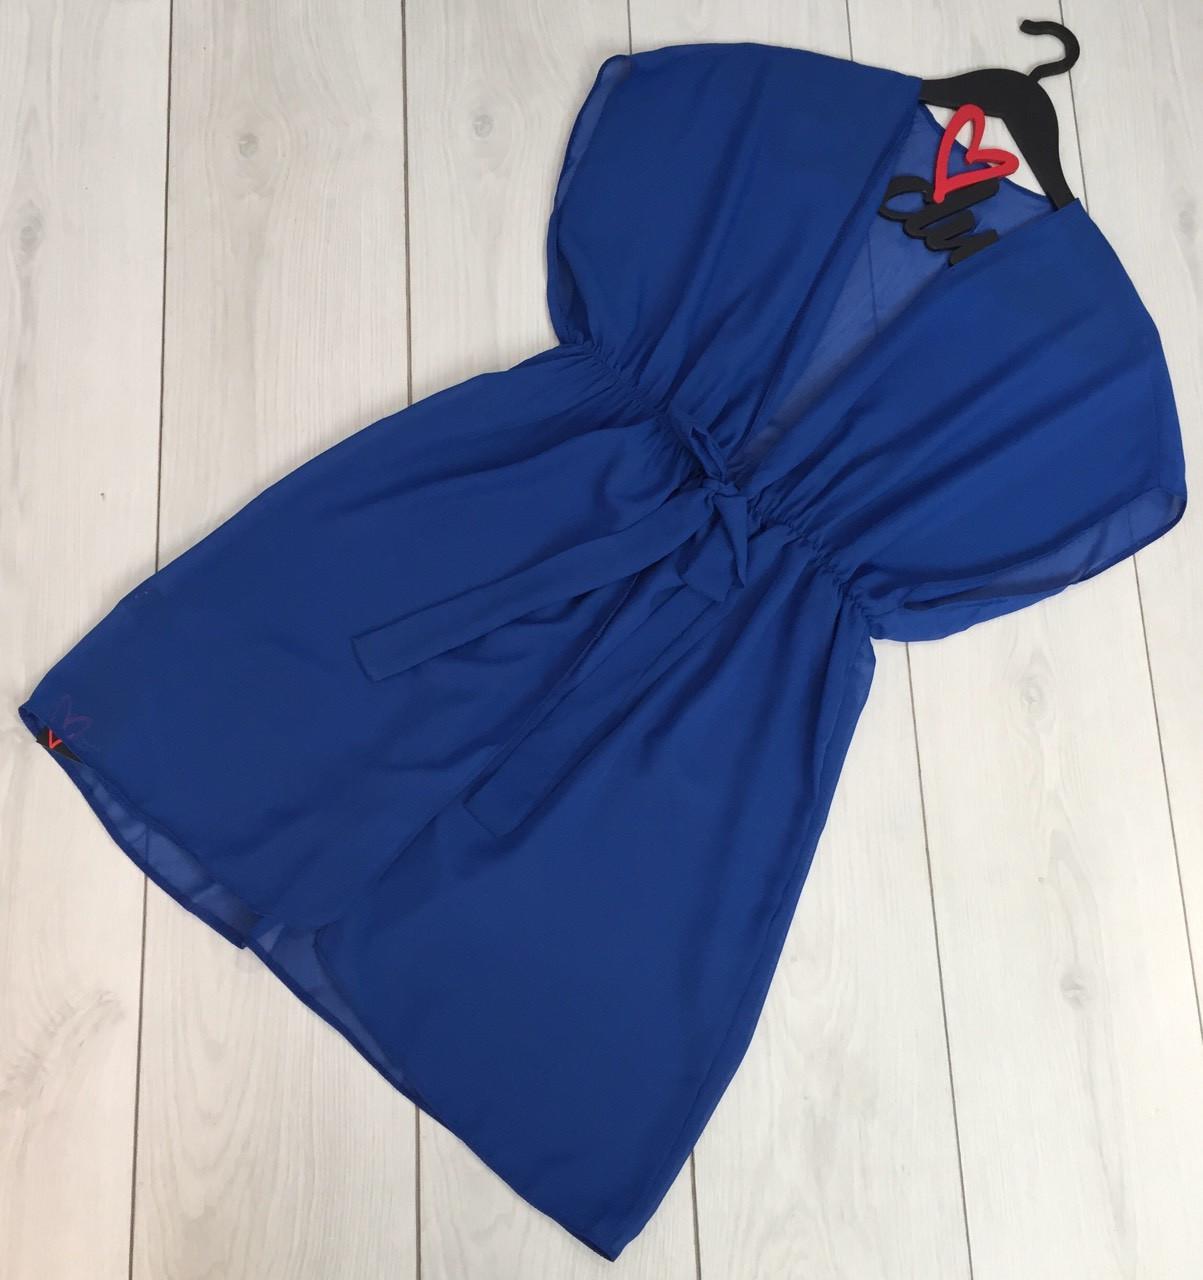 Пляжная одежда туника шифоновая, короткая туника с завязками синяя